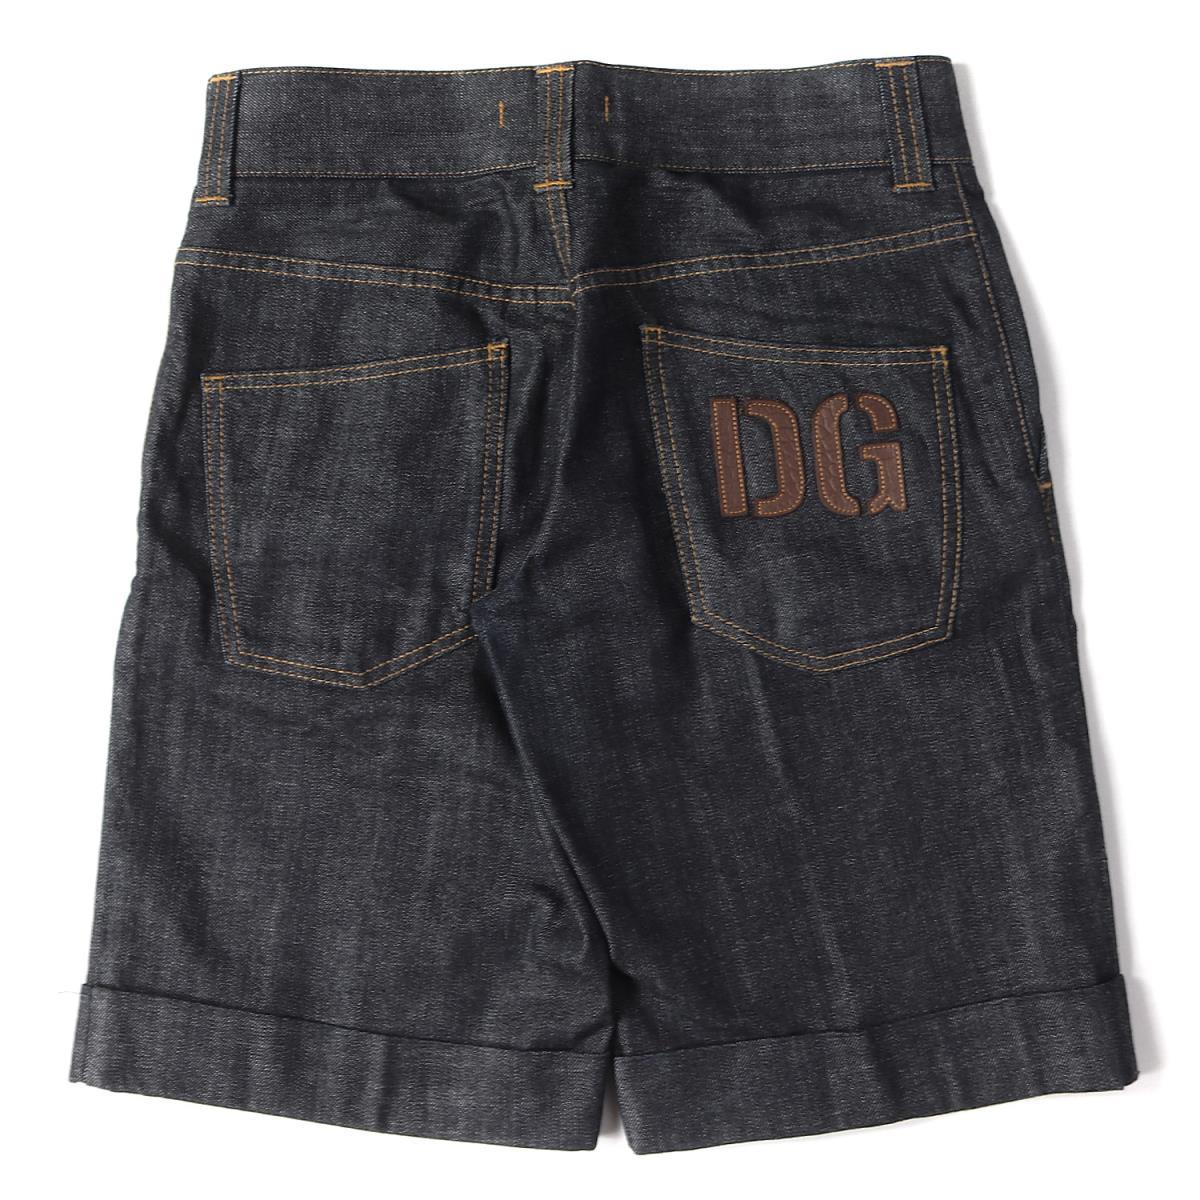 メンズファッション, ズボン・パンツ DOLCEGABBANA () DG (16 CUBA) 44 K2397